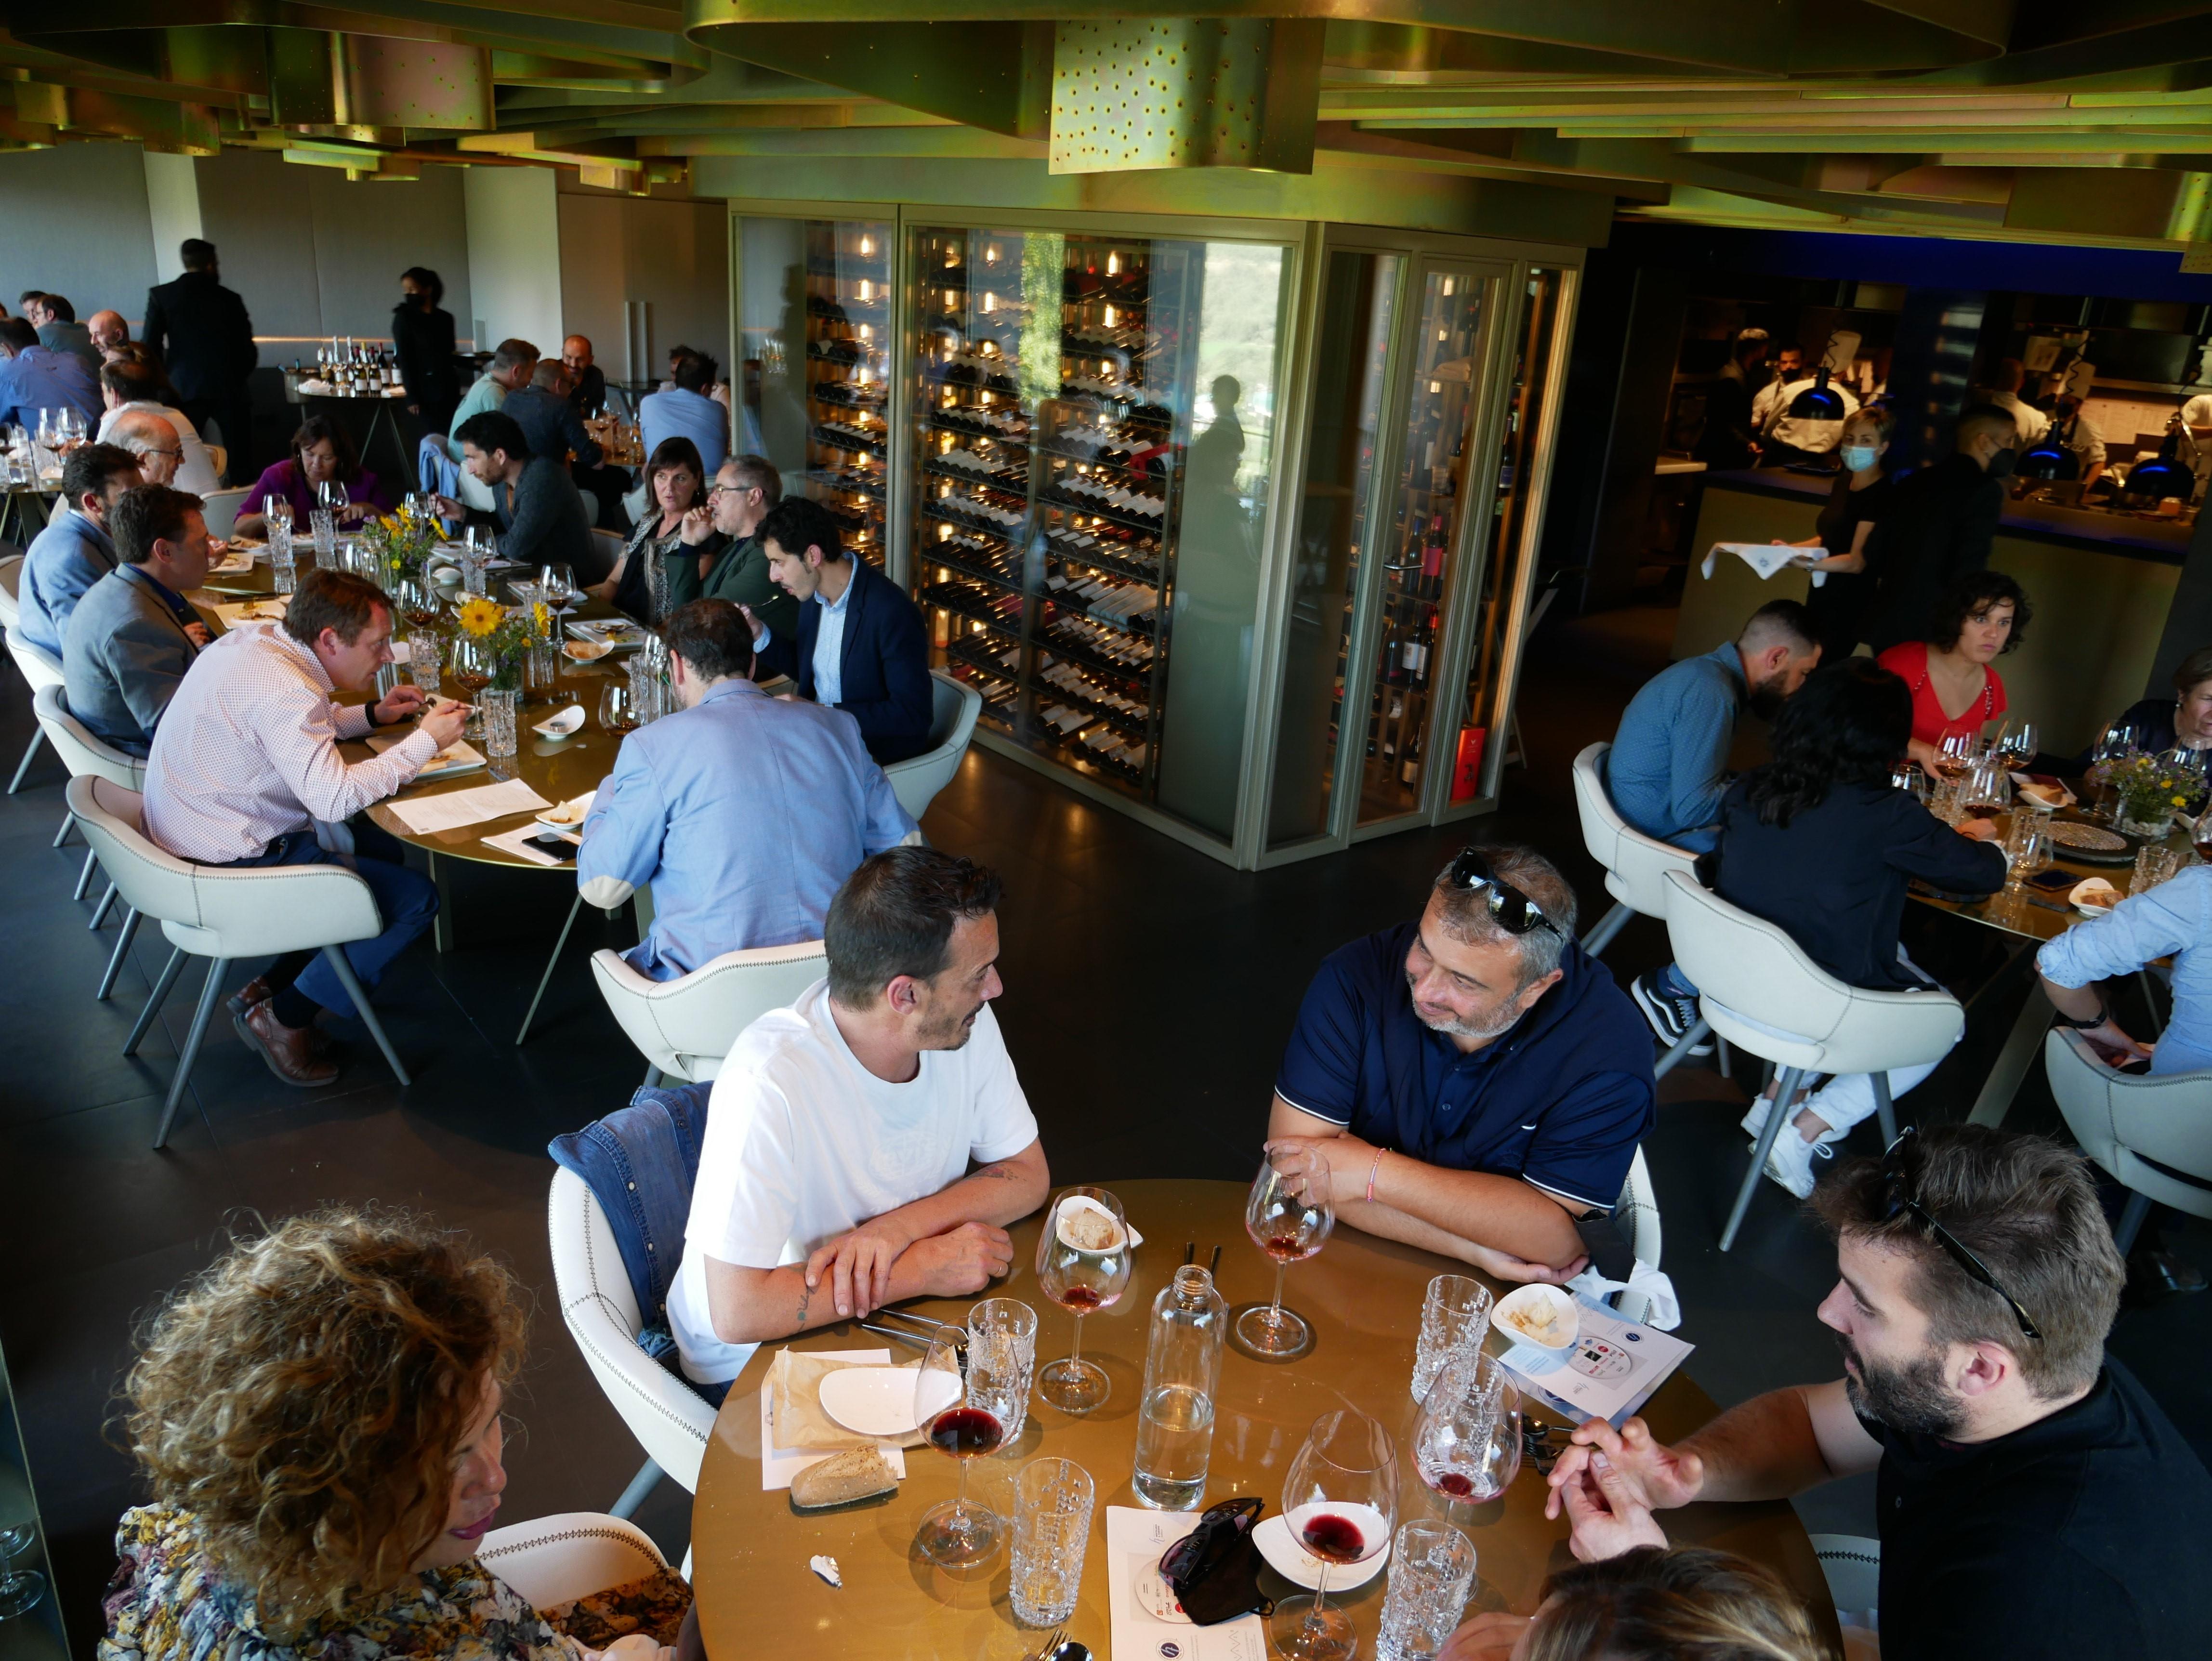 Los talleres de gastronomía viajan por la provincia de Huesca